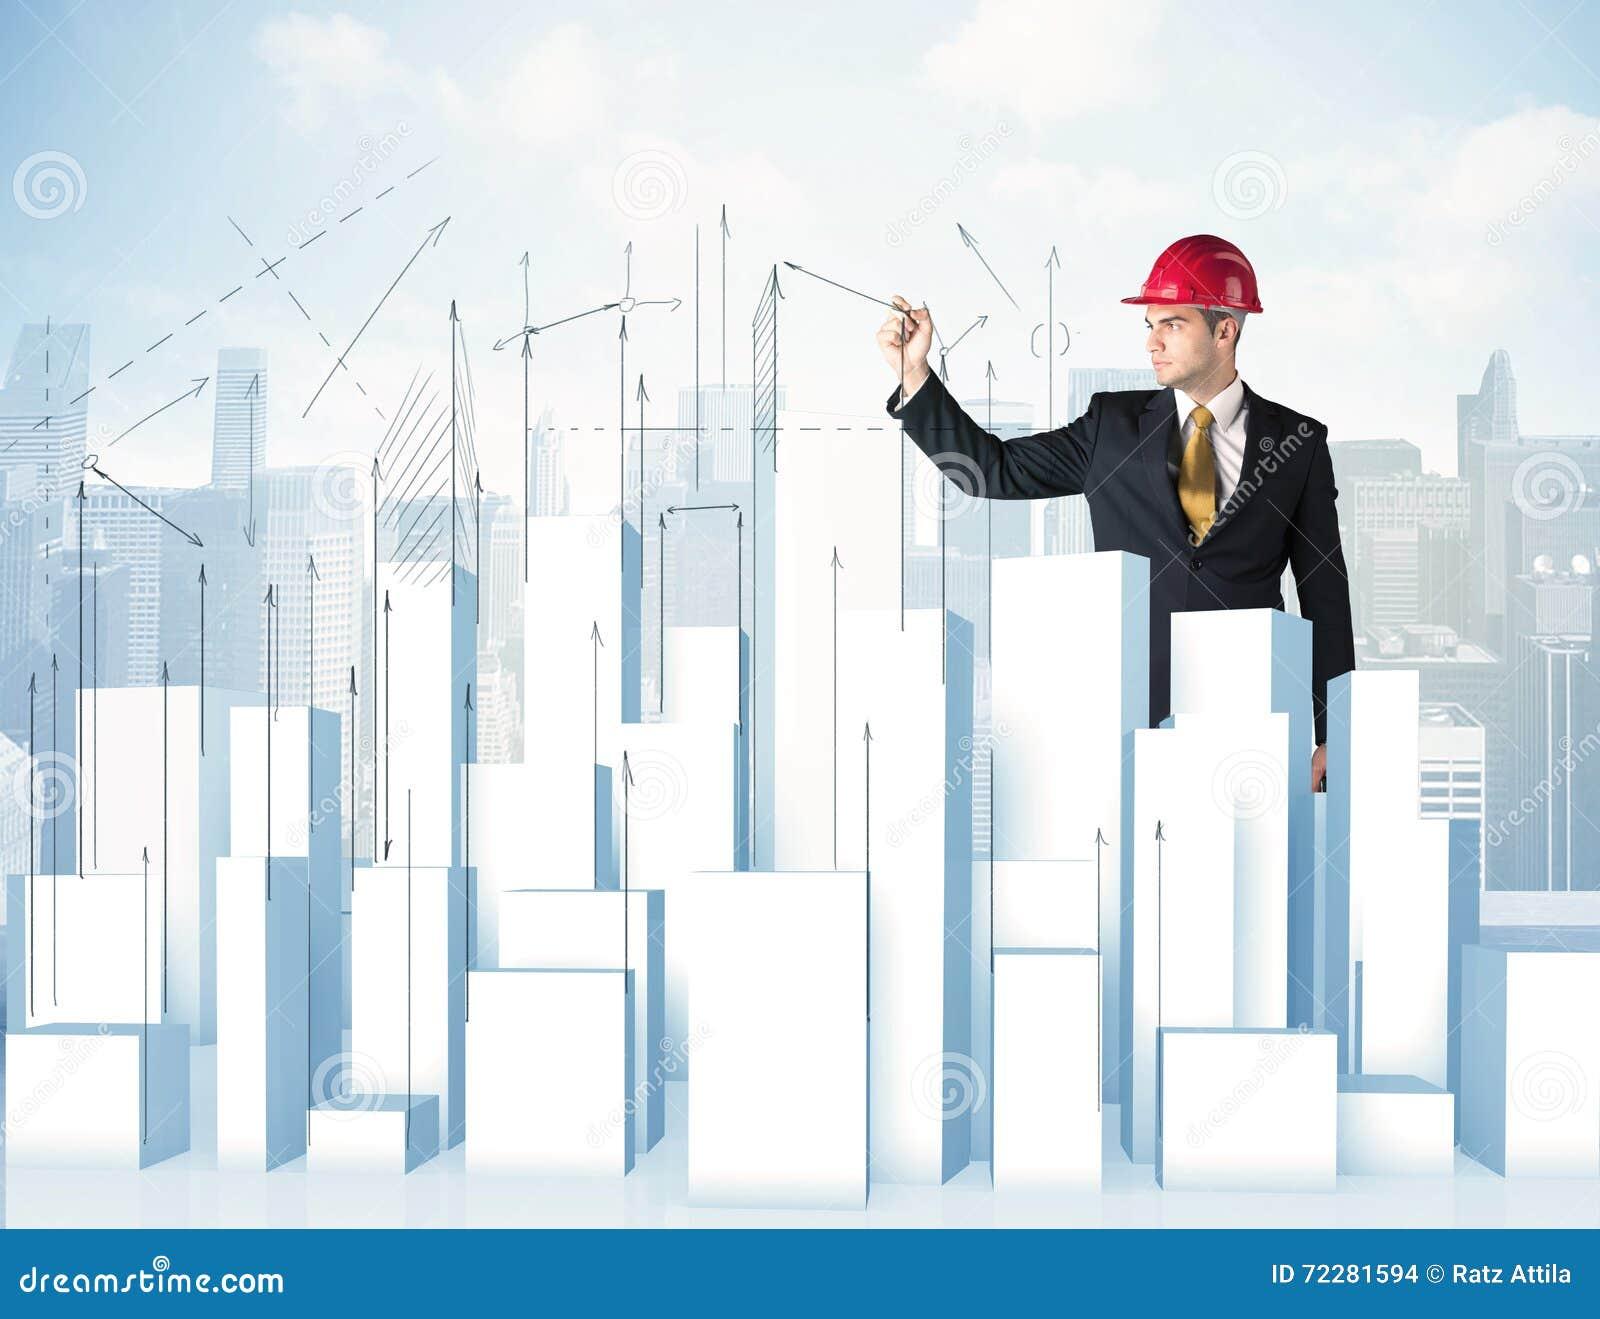 Download Небоскребы чертежа бизнесмена Стоковое Фото - изображение насчитывающей кавказско, дело: 72281594